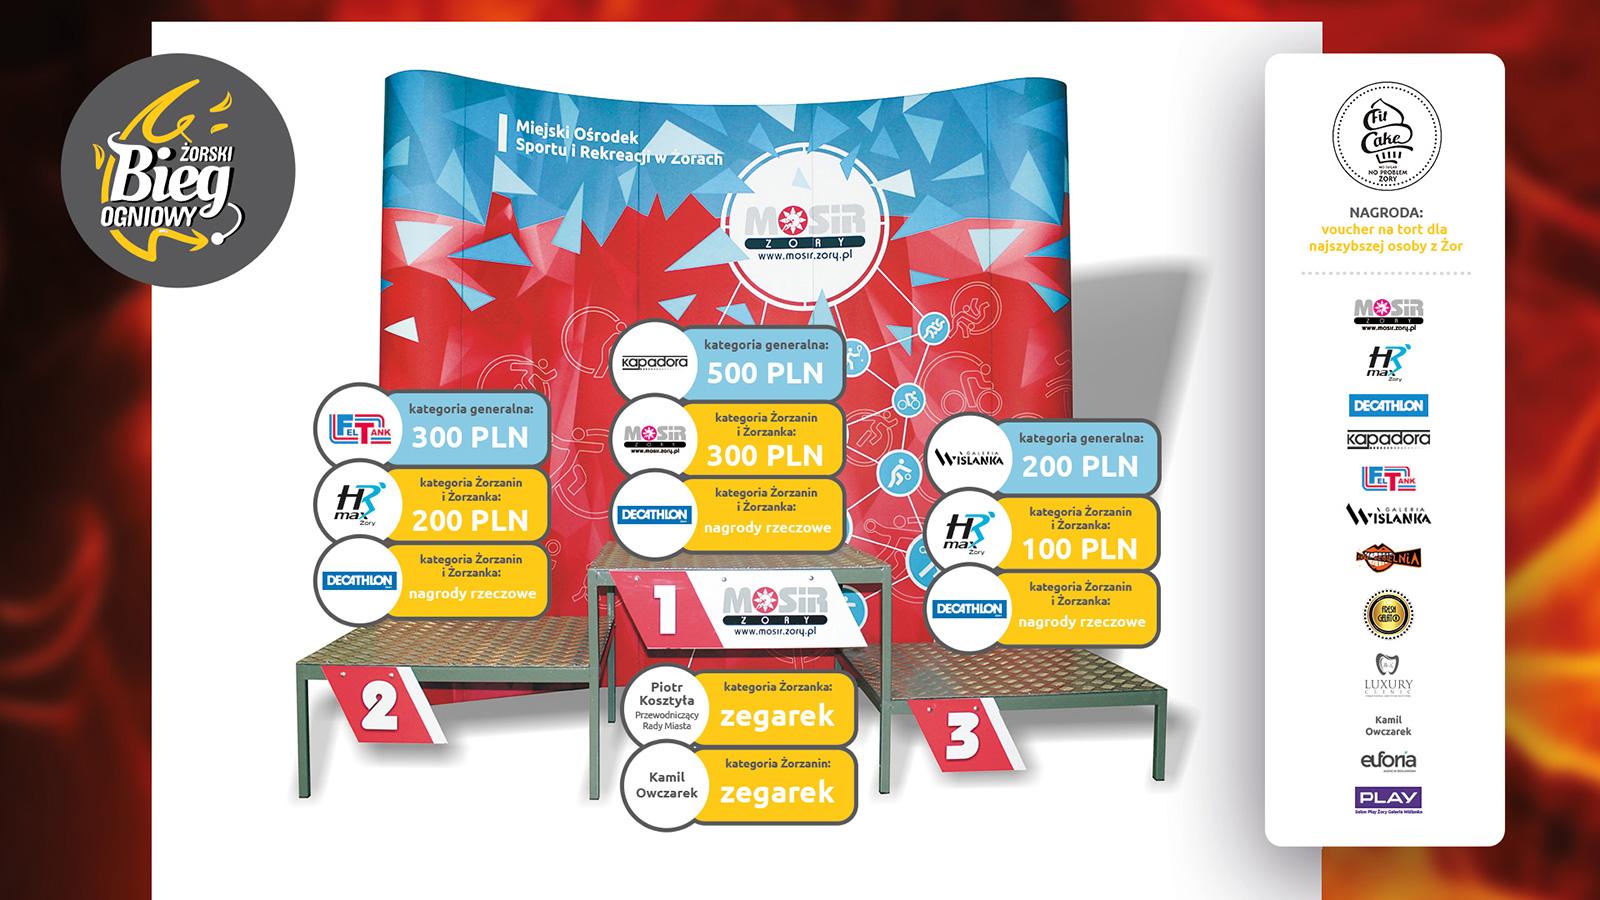 Na grafice zdjęcie podium, logotypy partnerów i sponsorów na ognistym tle i lista nagród biegu ogniowego